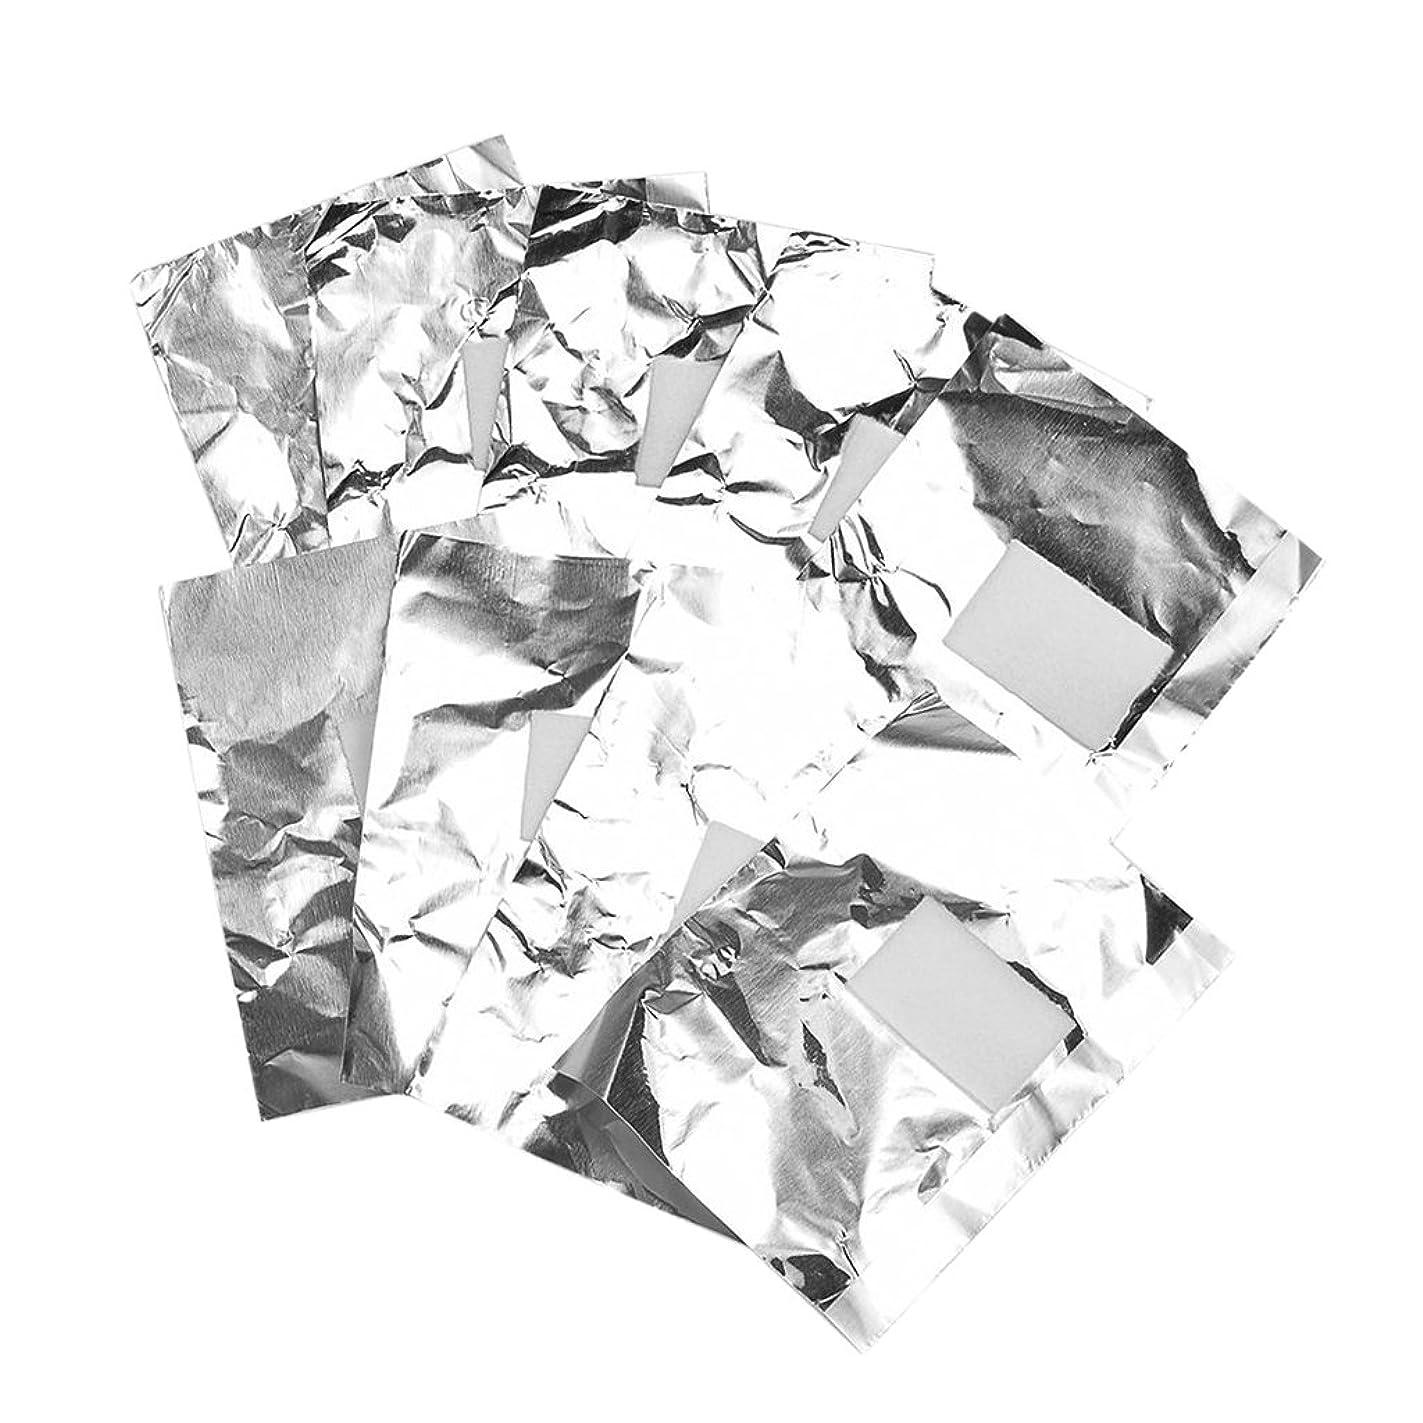 ボランティアムスタチオ想起Perfk 約100枚 ジェル除却 ネイルアート 錫箔紙 のり除却可能 ネイルオイル クリーナーツール 爪装飾除き 包み紙